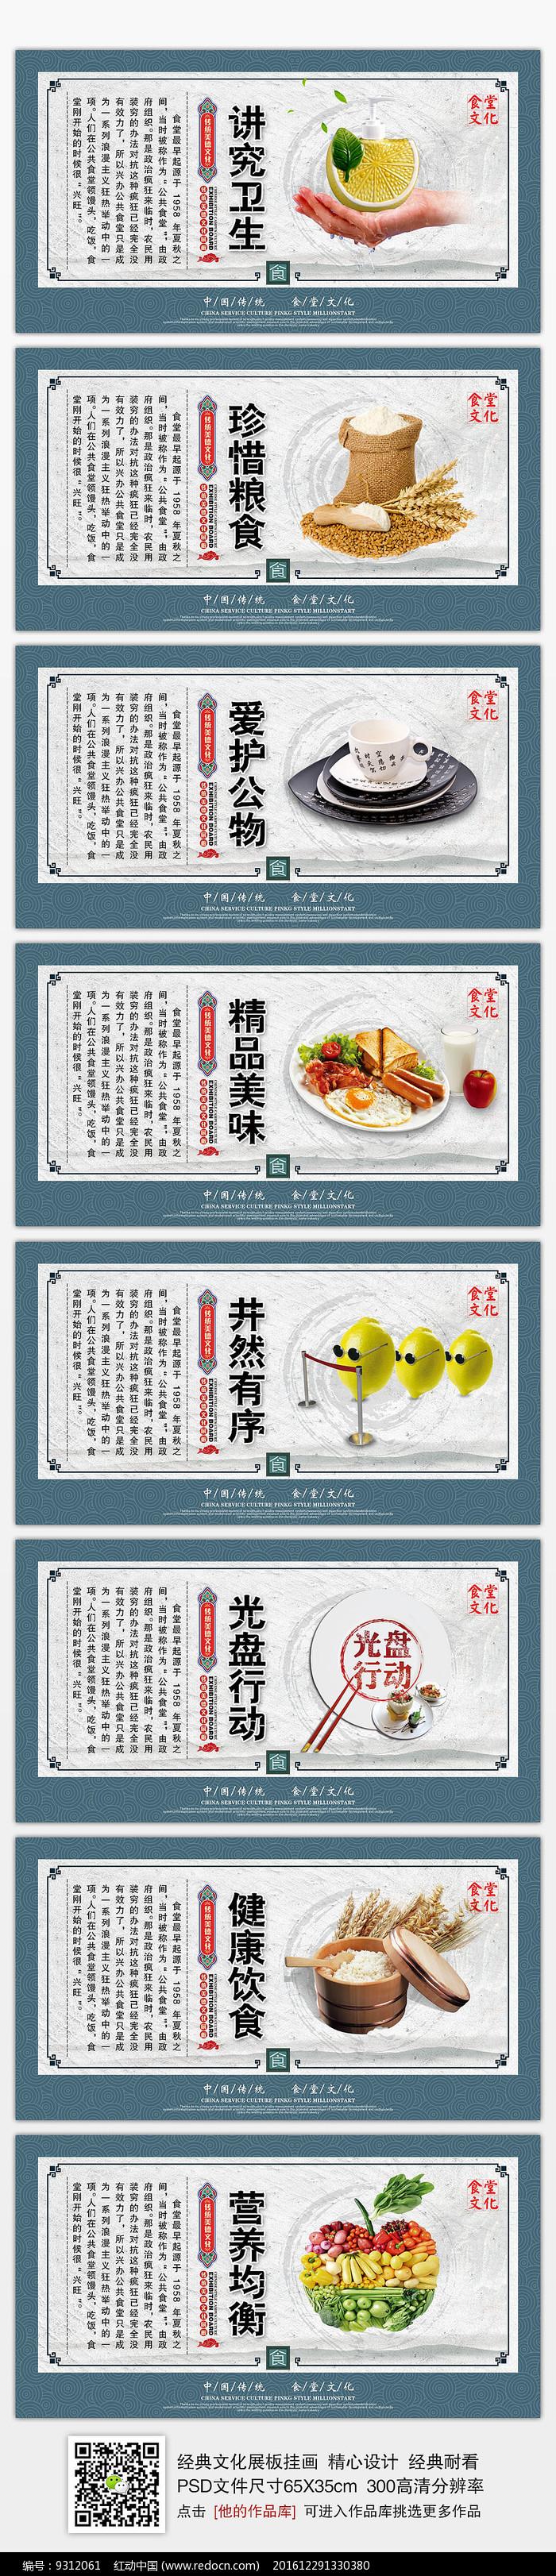 整套简洁大气食堂文化展板挂画图片